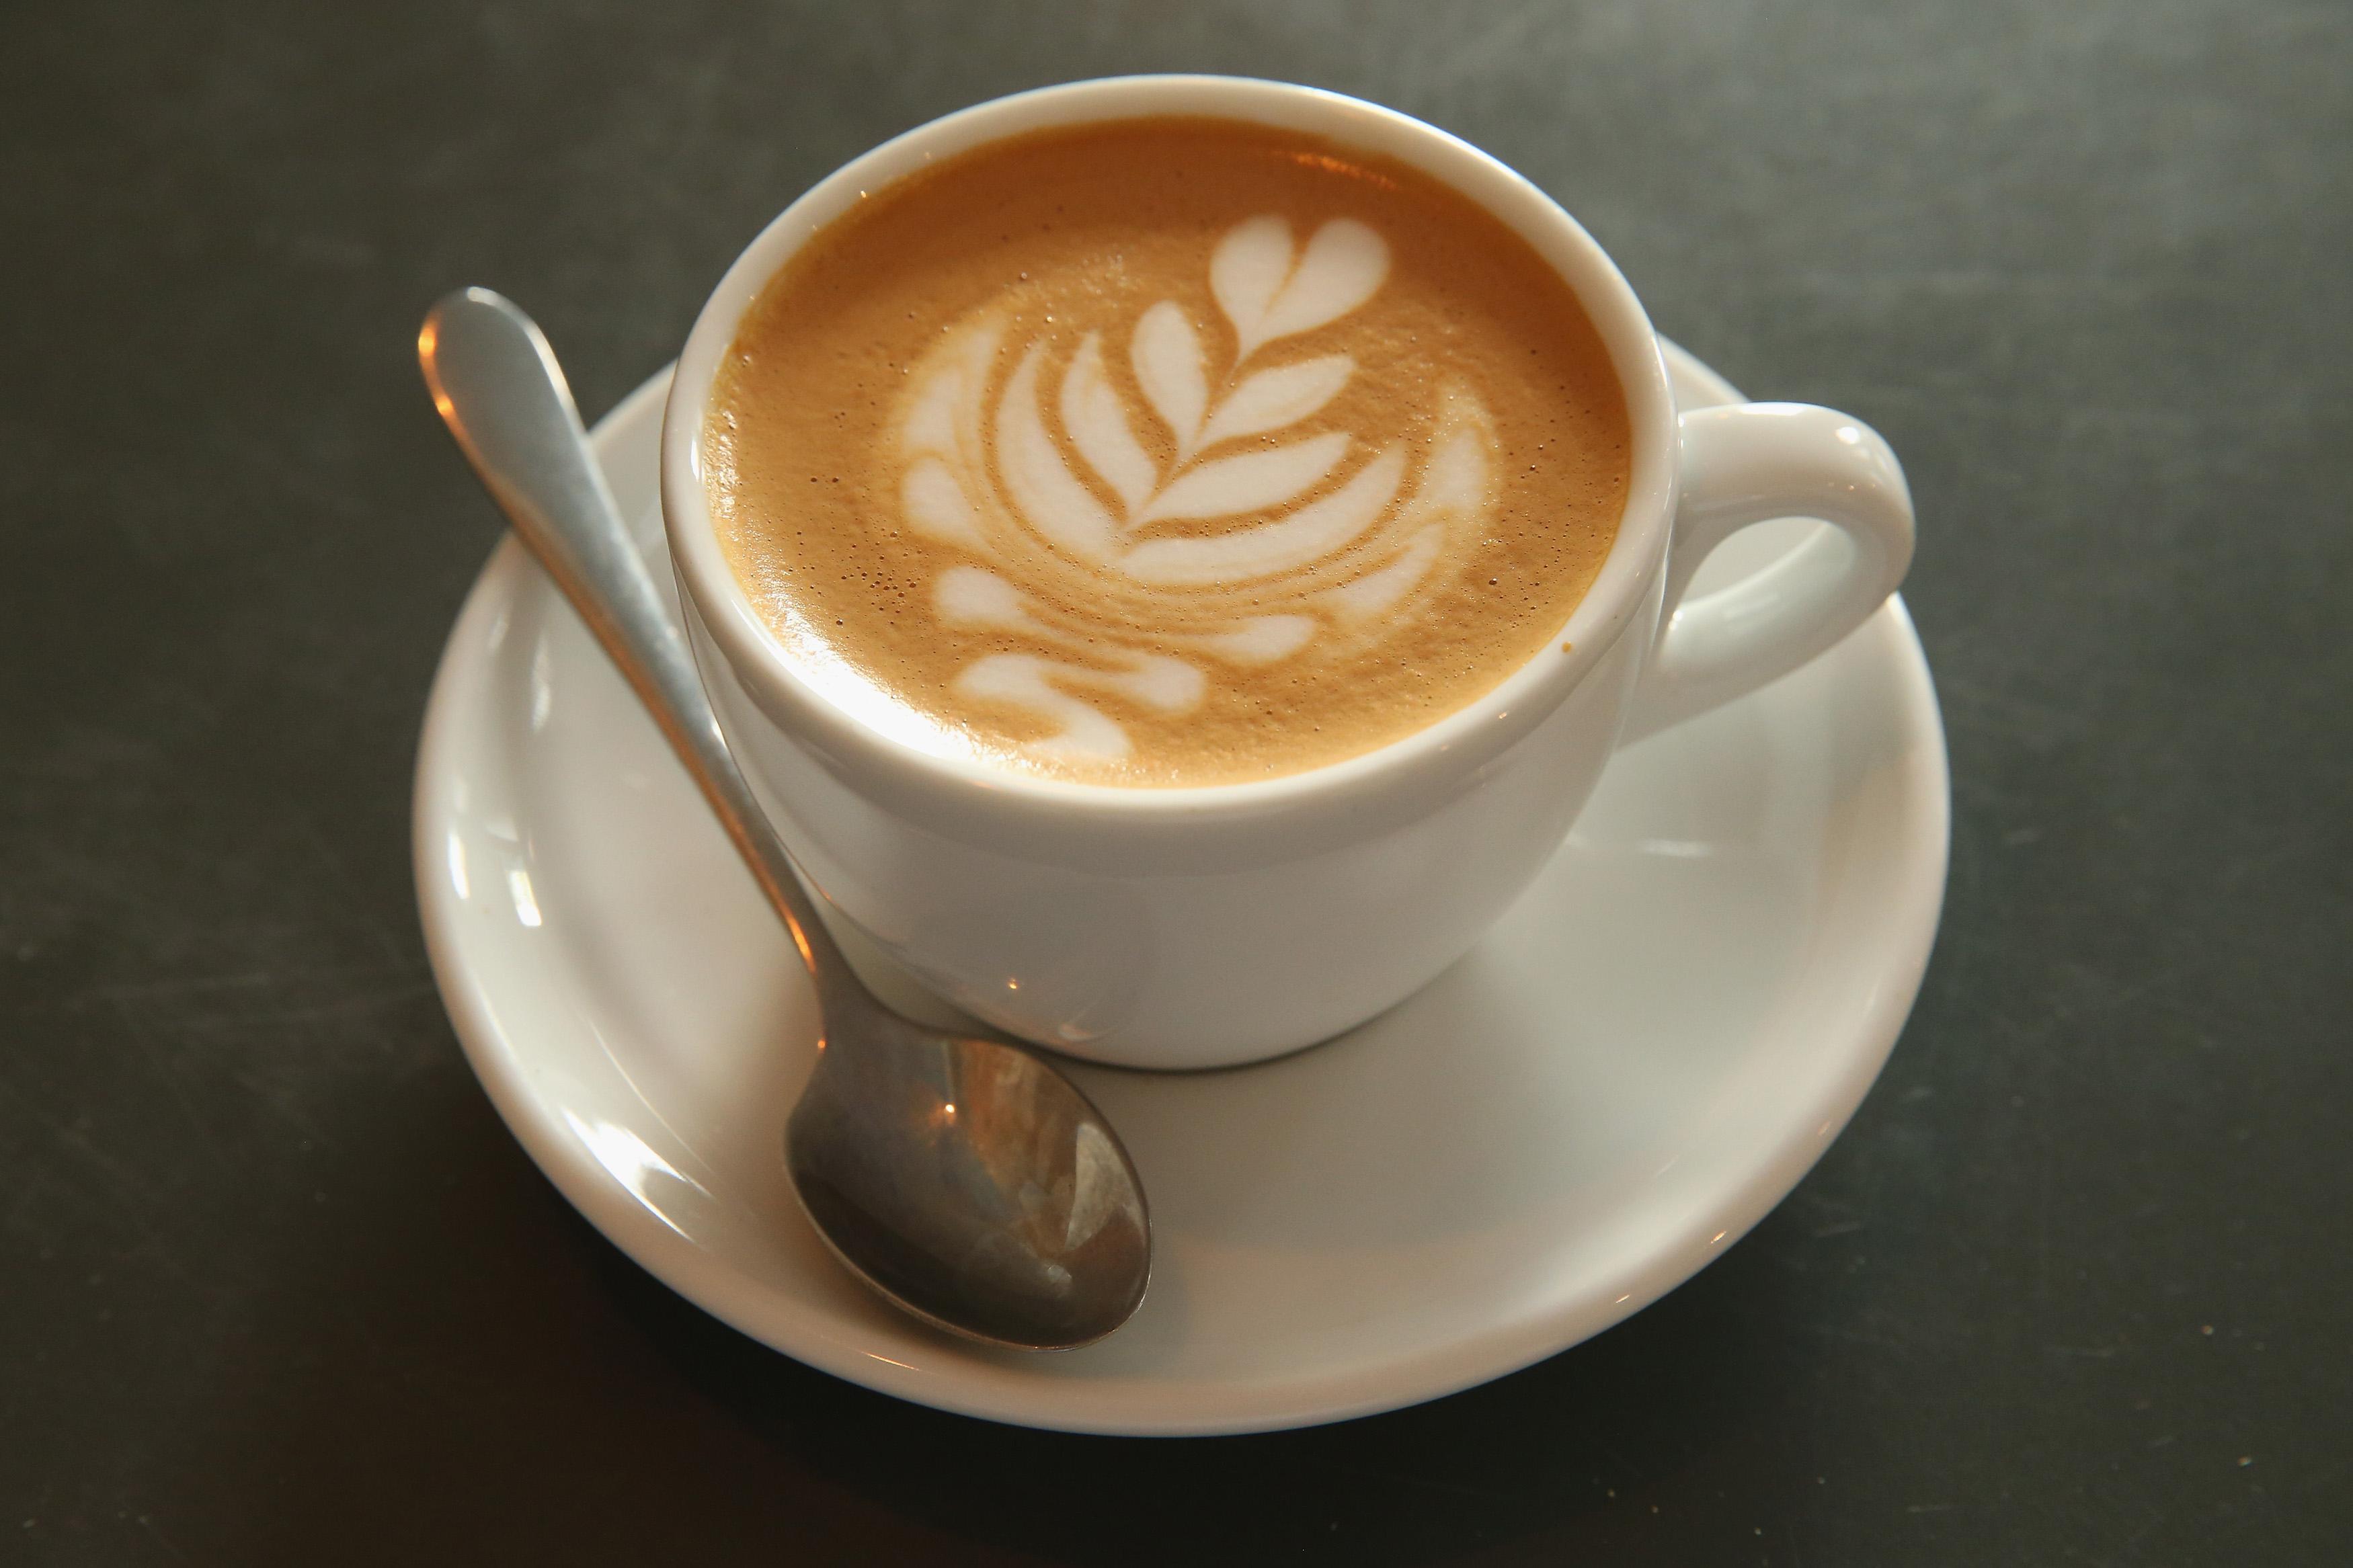 Ce risti daca bei 25 de cesti de cafea pe zi?